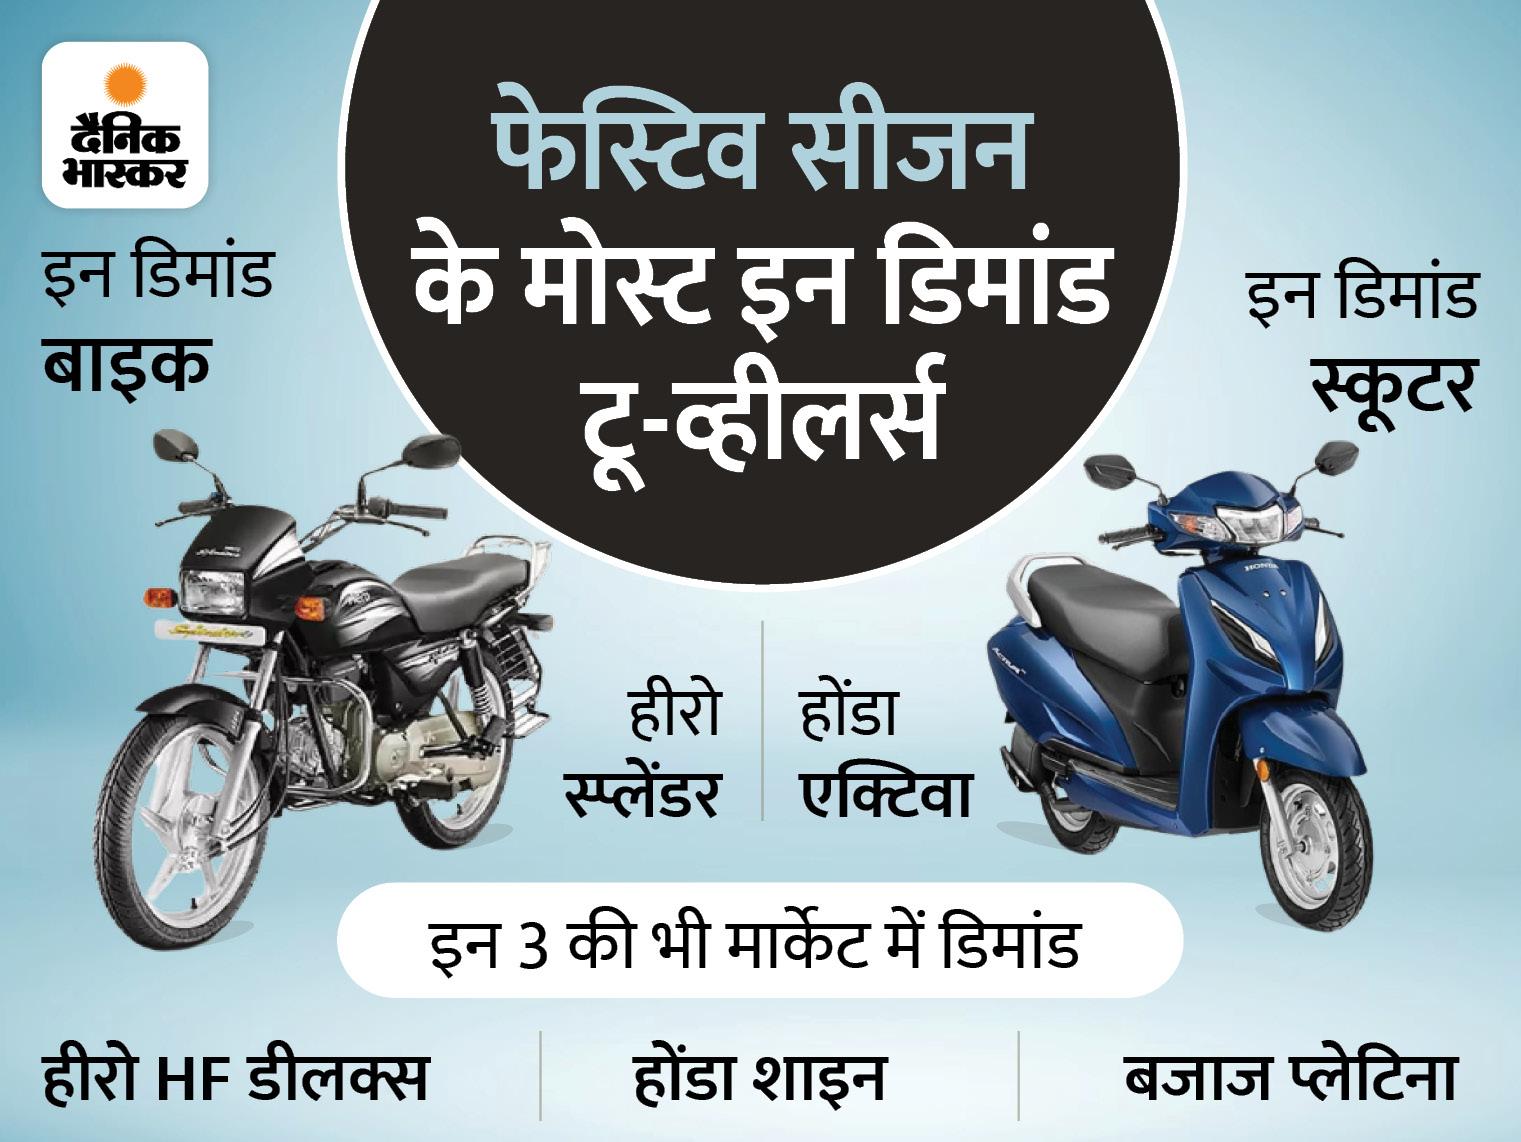 हीरो स्प्लेंडर से होंडा एक्टिवा तक, ये हैं देश के सबसे ज्यादा बिकने वाली बाइक-स्कूटर; कीमत और माइलेज भी सुपरहिट|टेक & ऑटो,Tech & Auto - Dainik Bhaskar